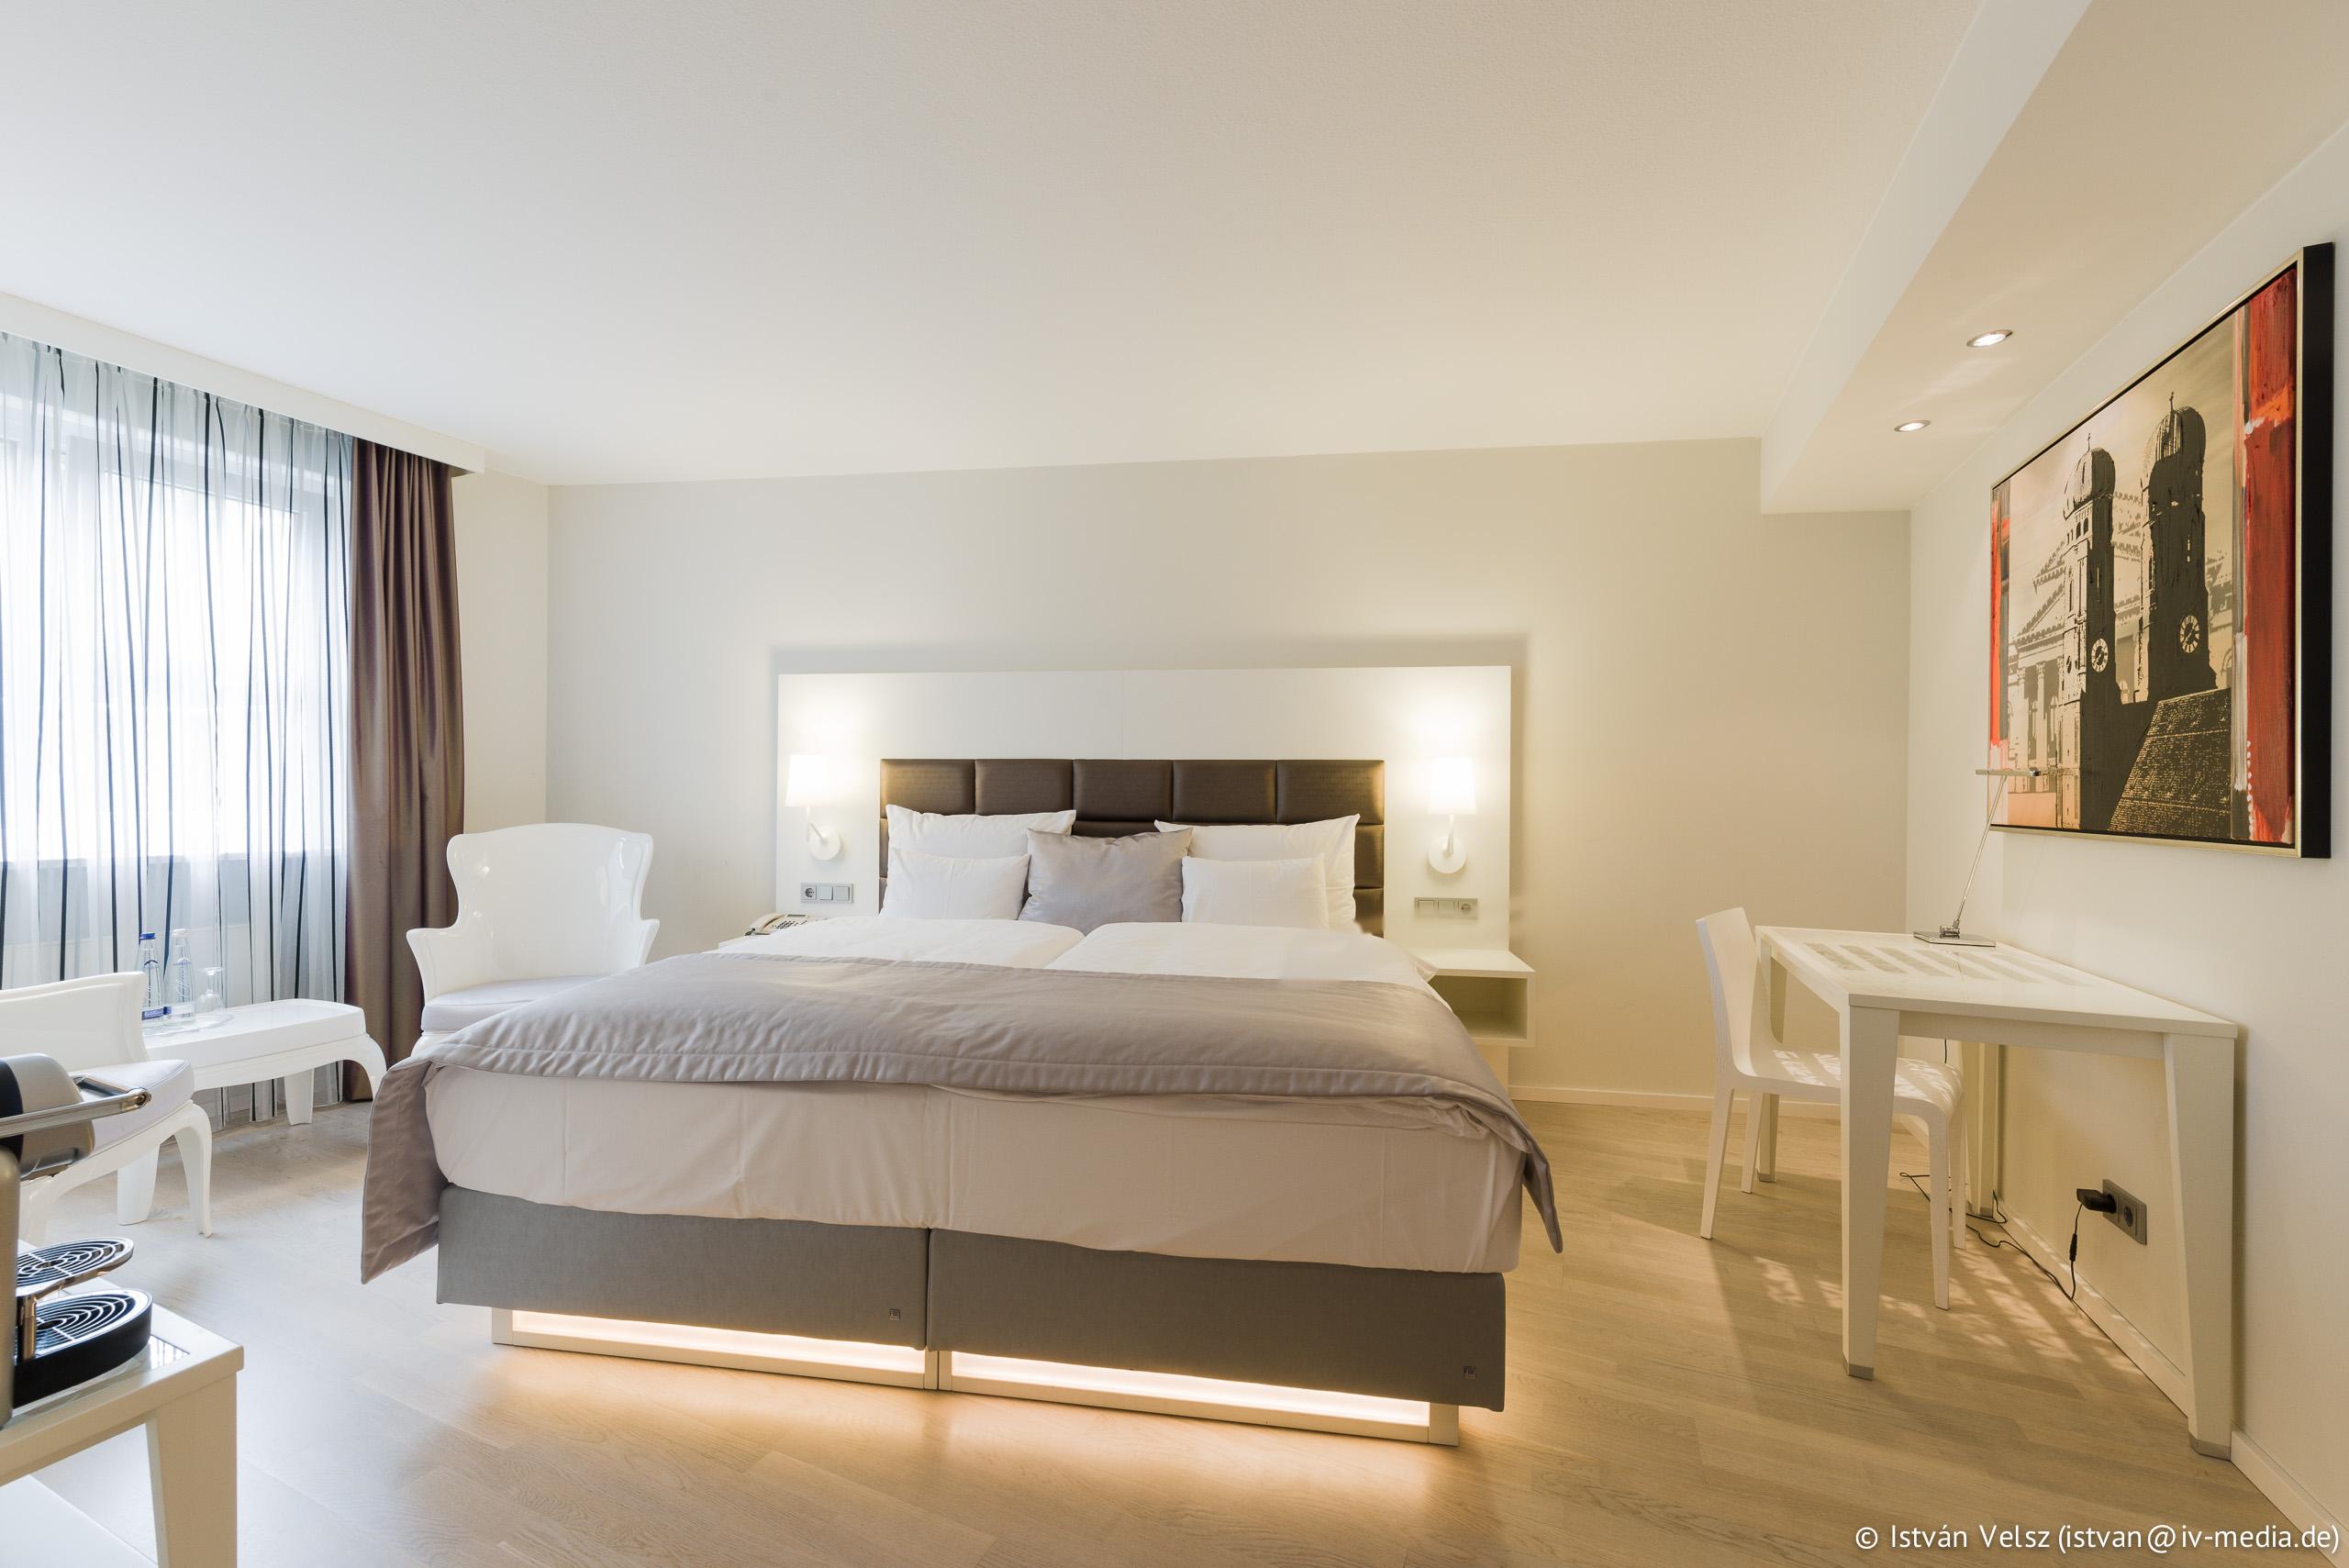 2012 hotel europa m nchen behir interior design for Design hotels europa